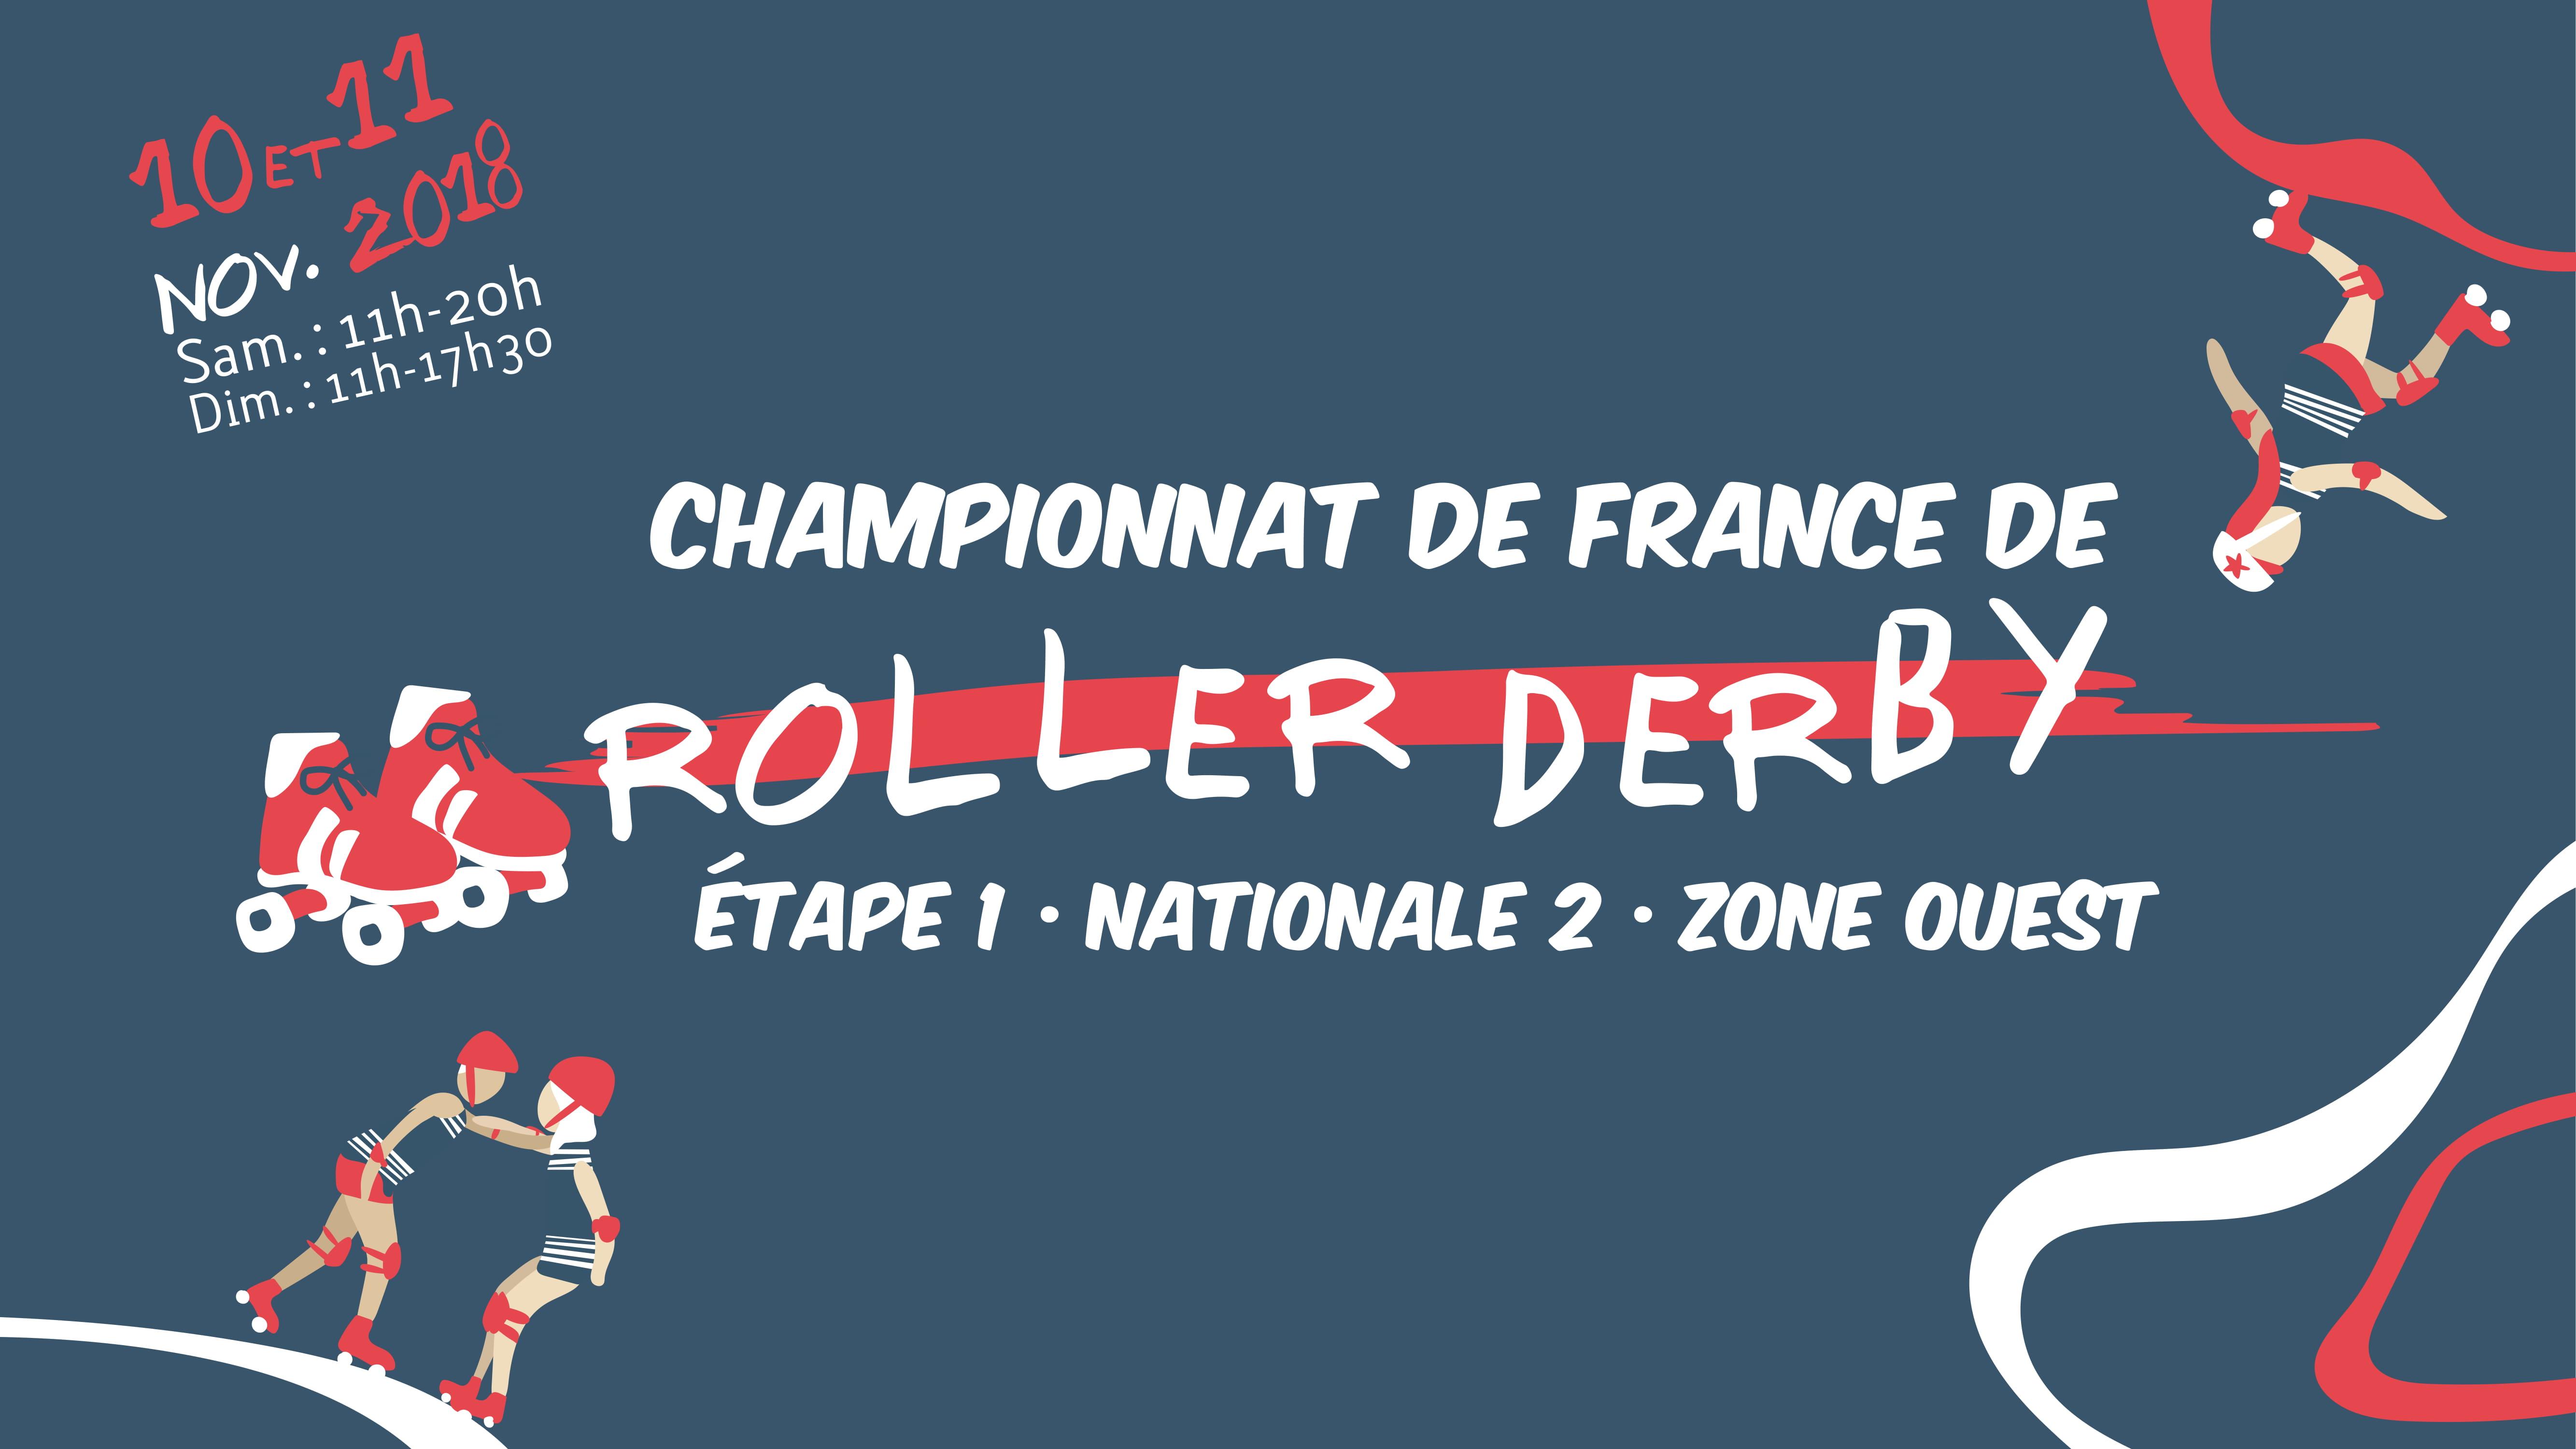 championnat n2 roller derby